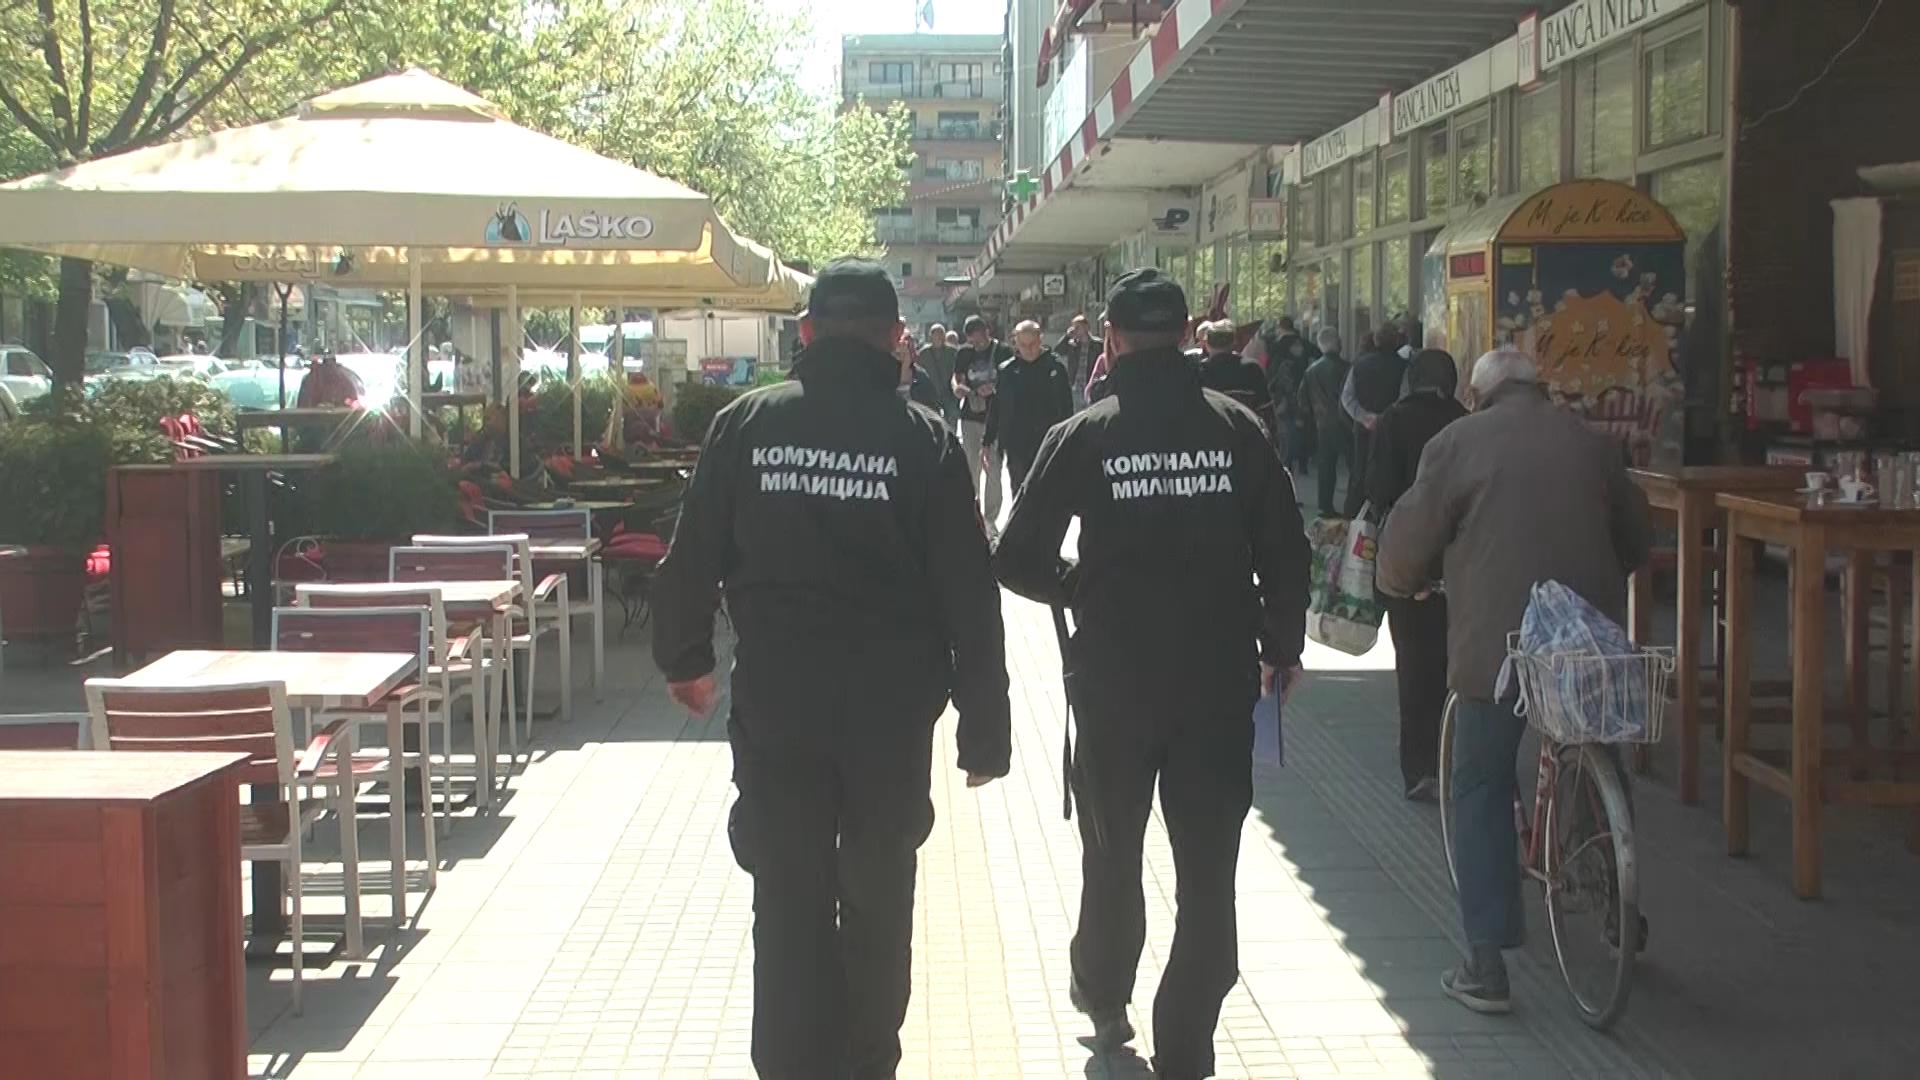 Kruševačka Komunalna milicija na osnovu preporuka kriznog štaba svakodnevno obilazi bašte ugostiteljskih objekata